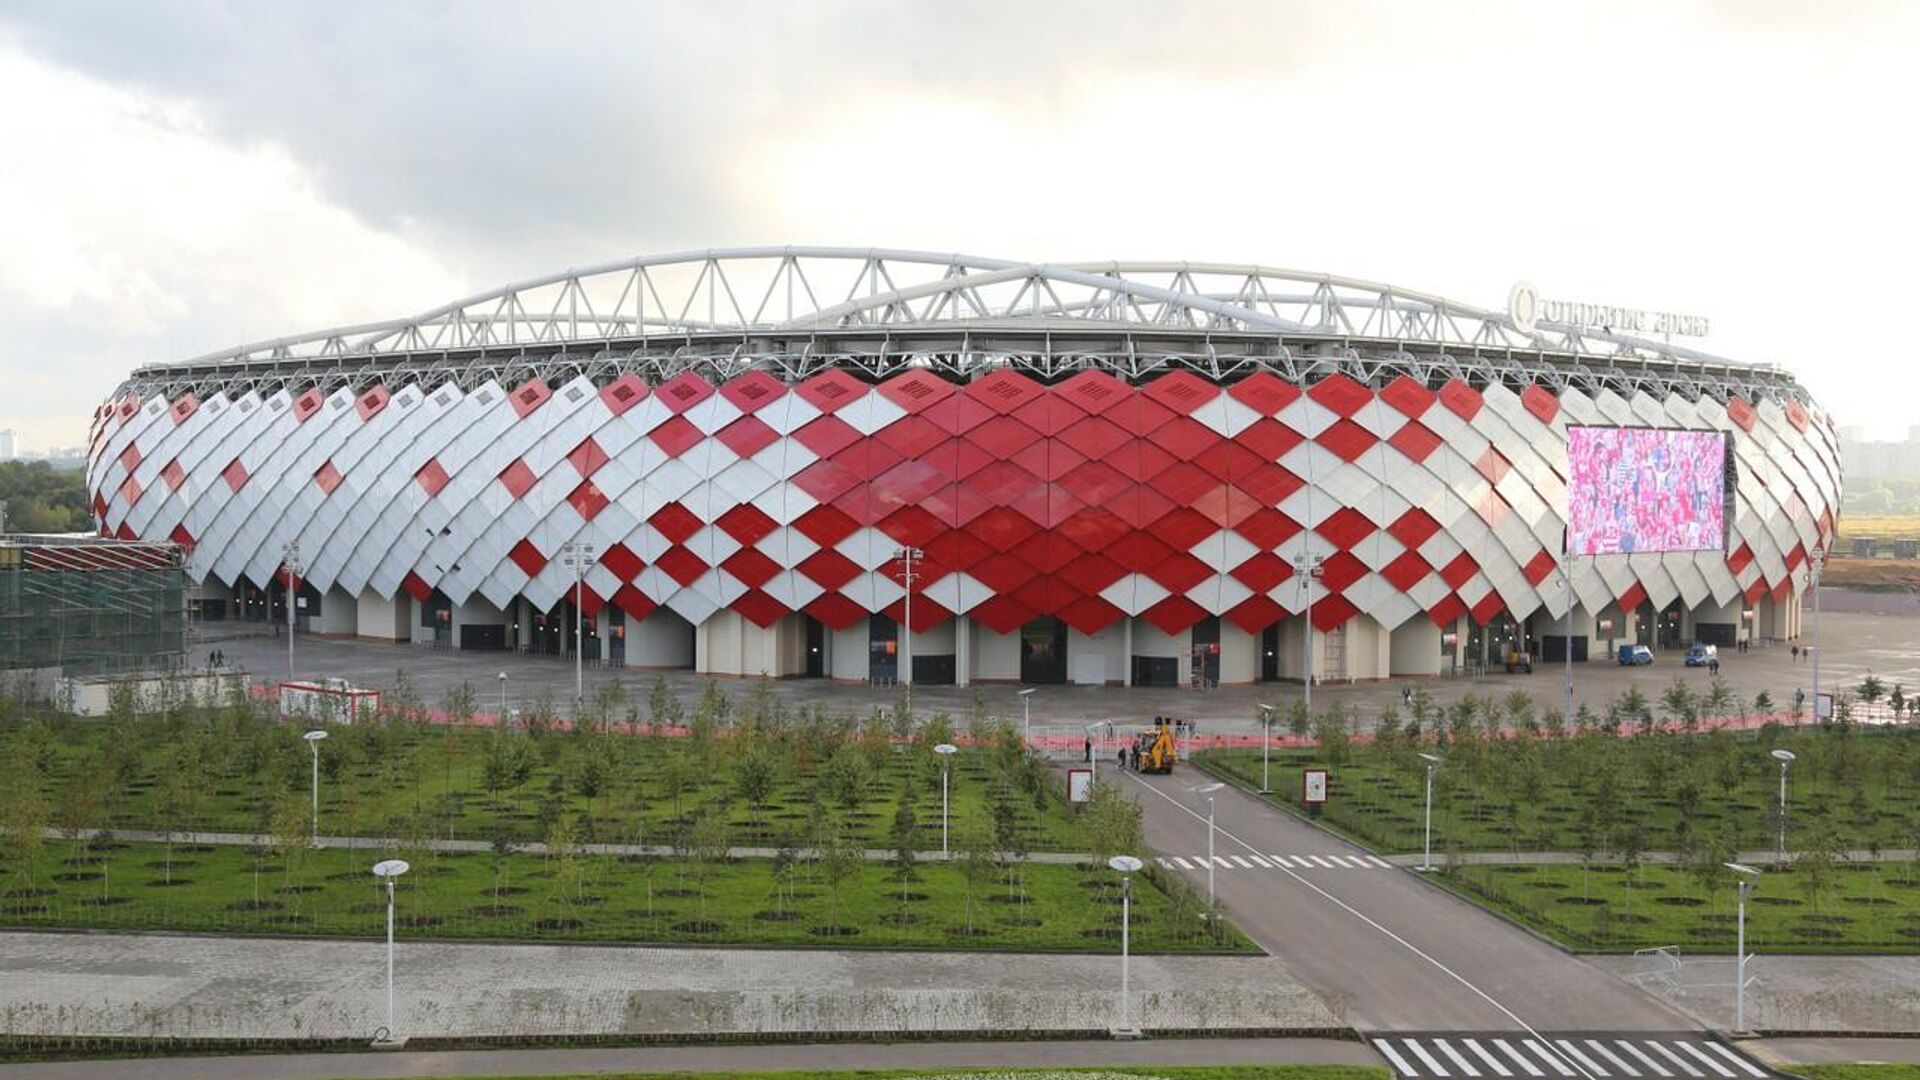 Домашний стадион Спартака Открытие Арена - РИА Новости, 1920, 13.04.2021